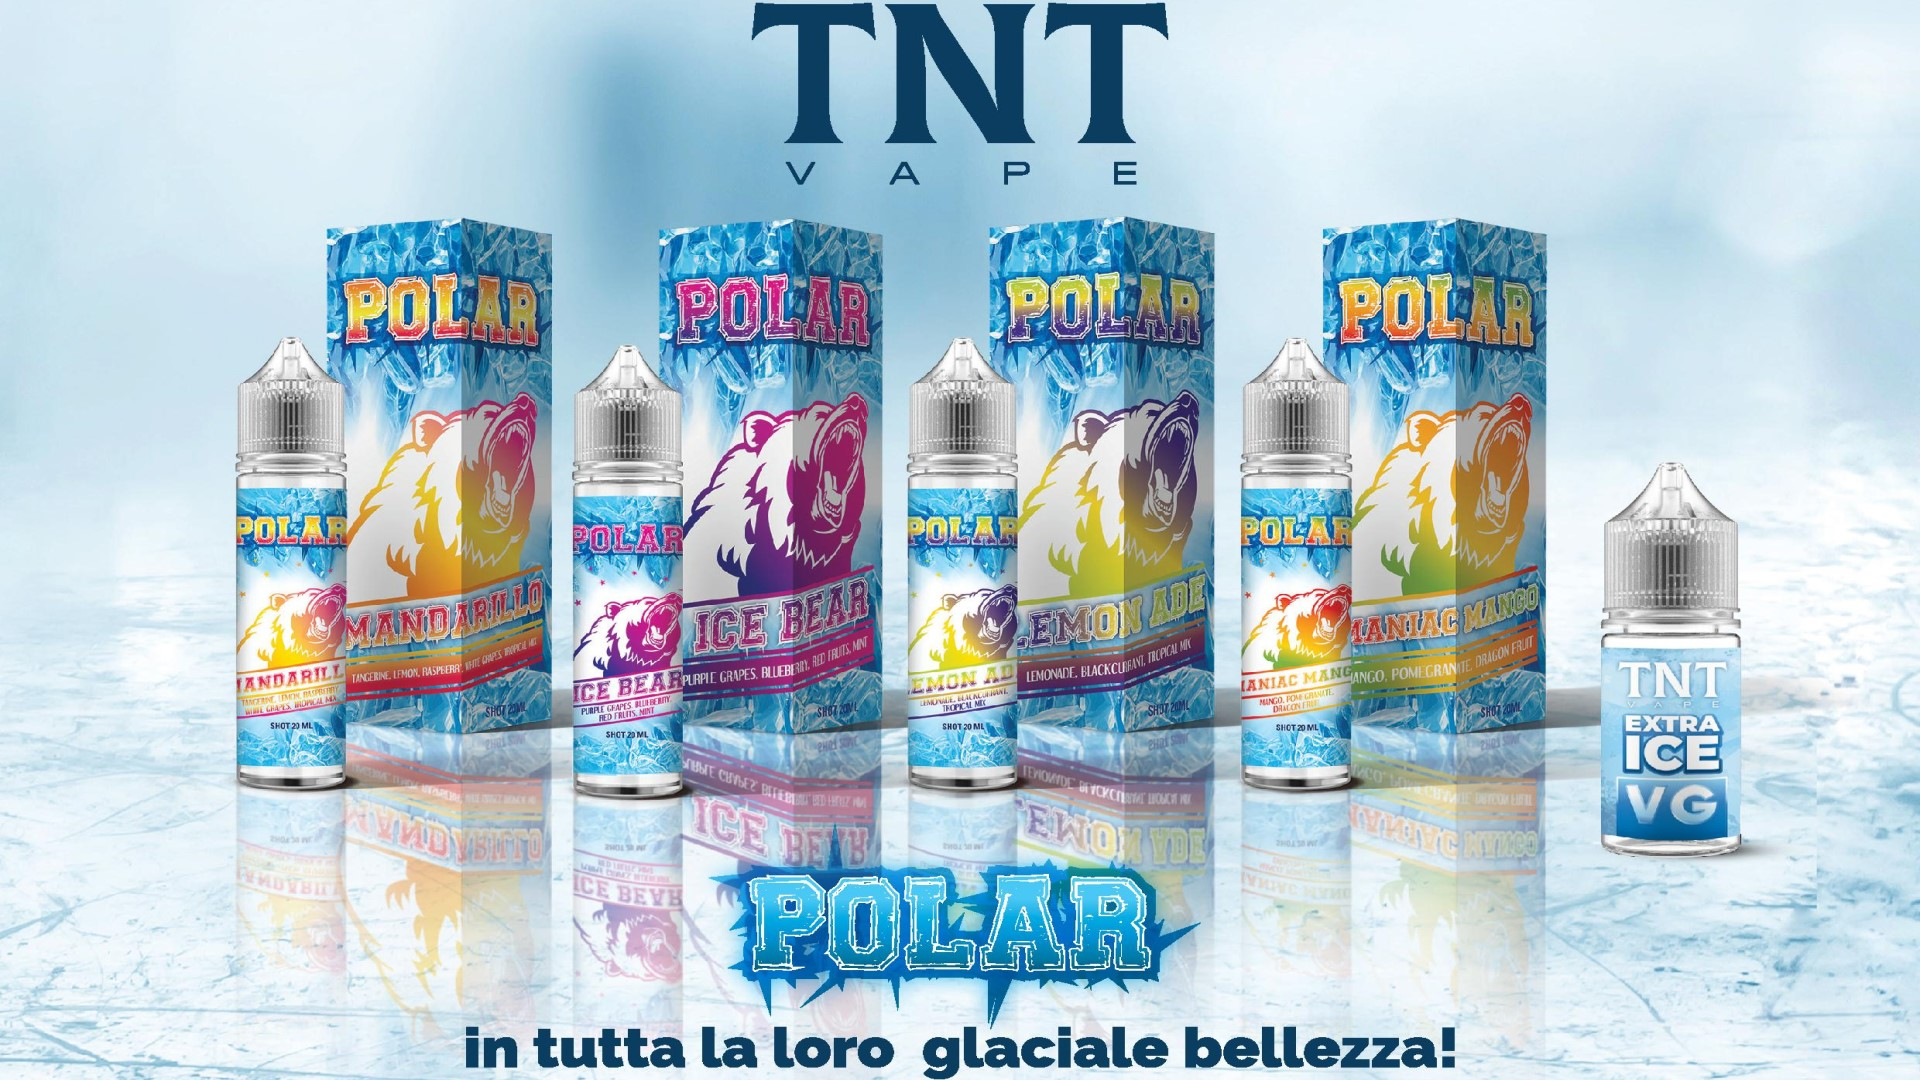 POLAR TNT